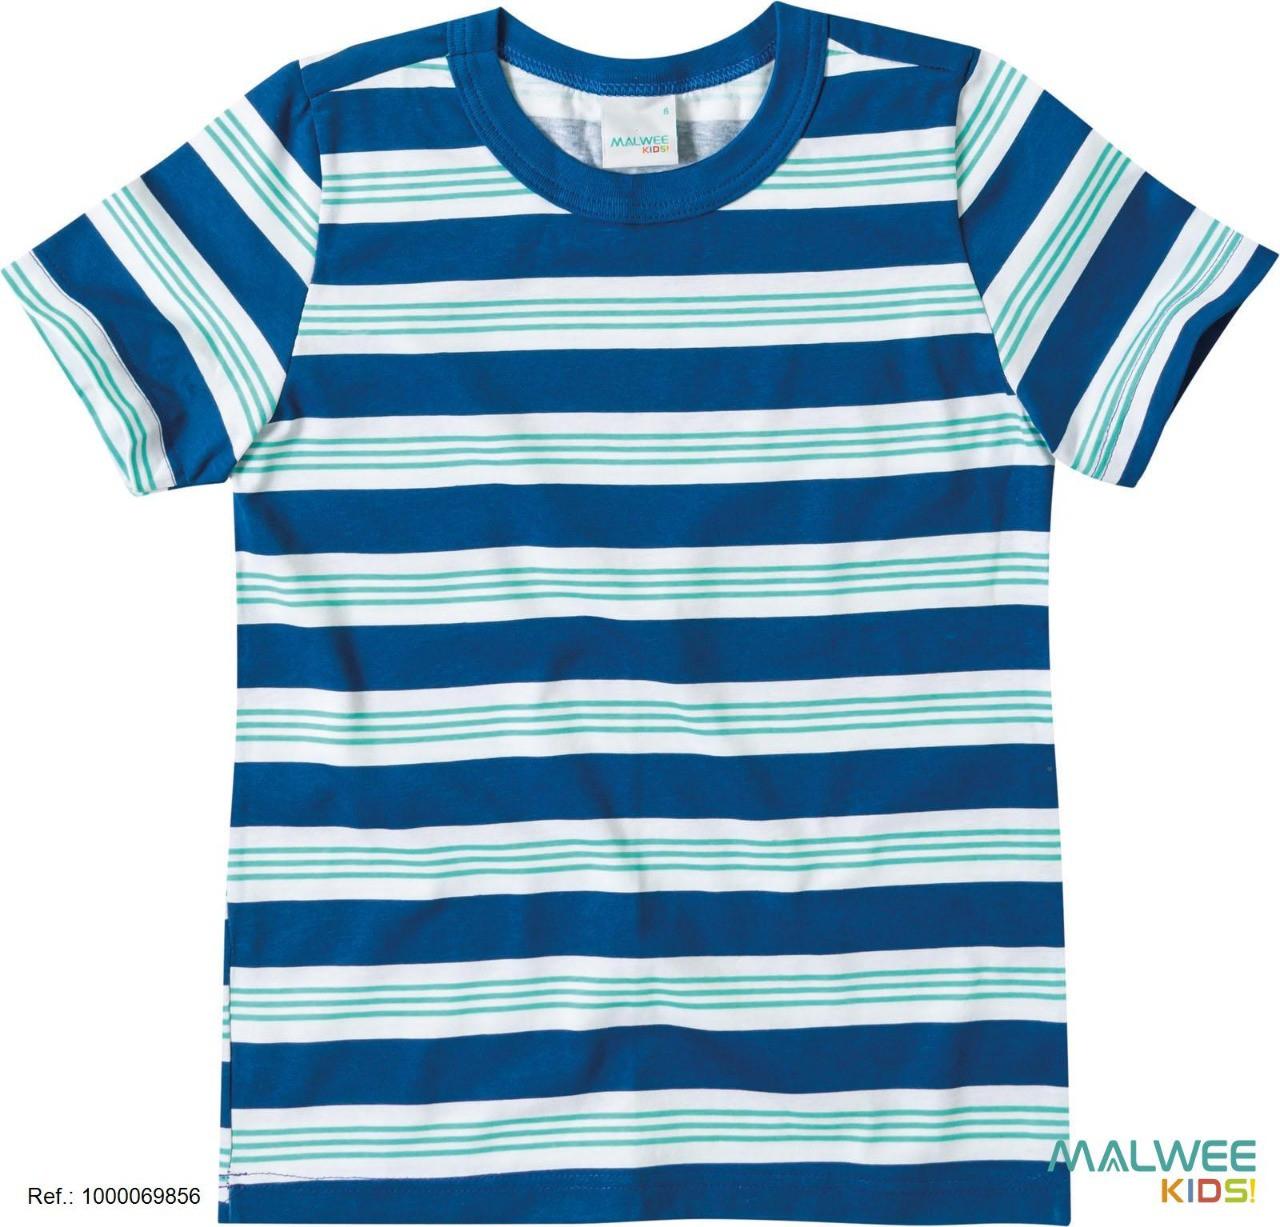 Camiseta Algodão Listrada Malwee